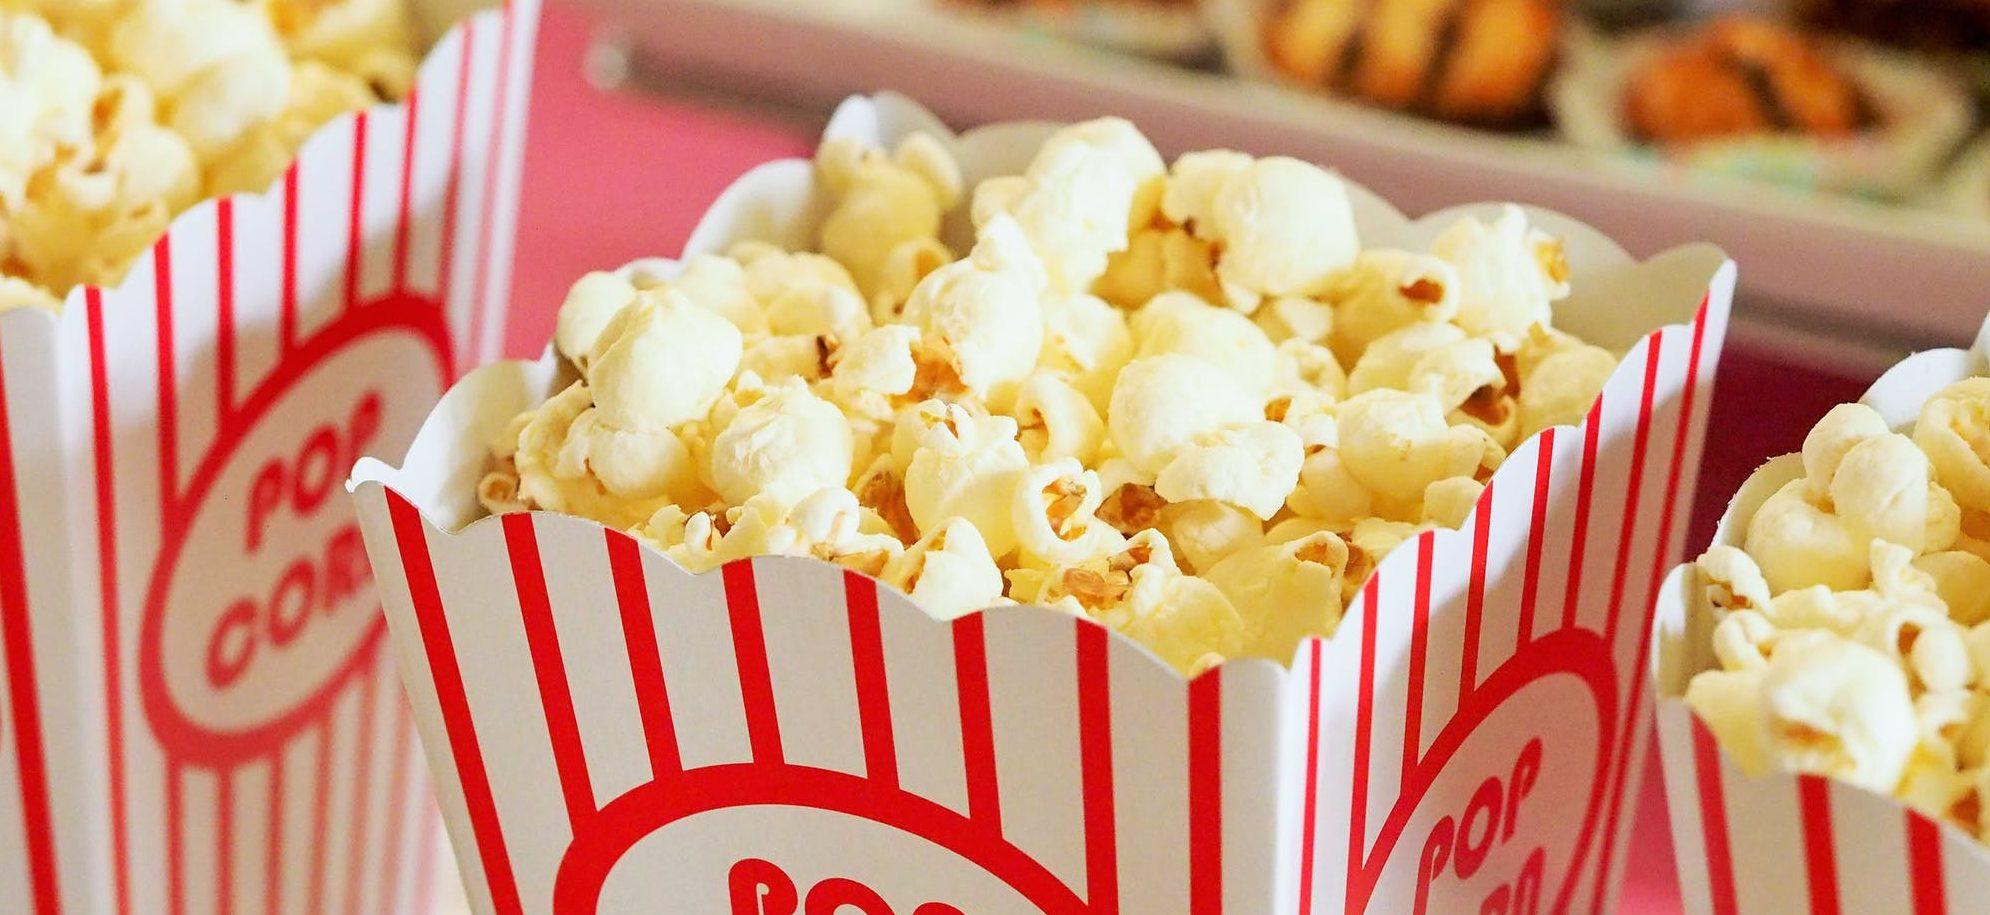 5 film che usciranno nel 2021